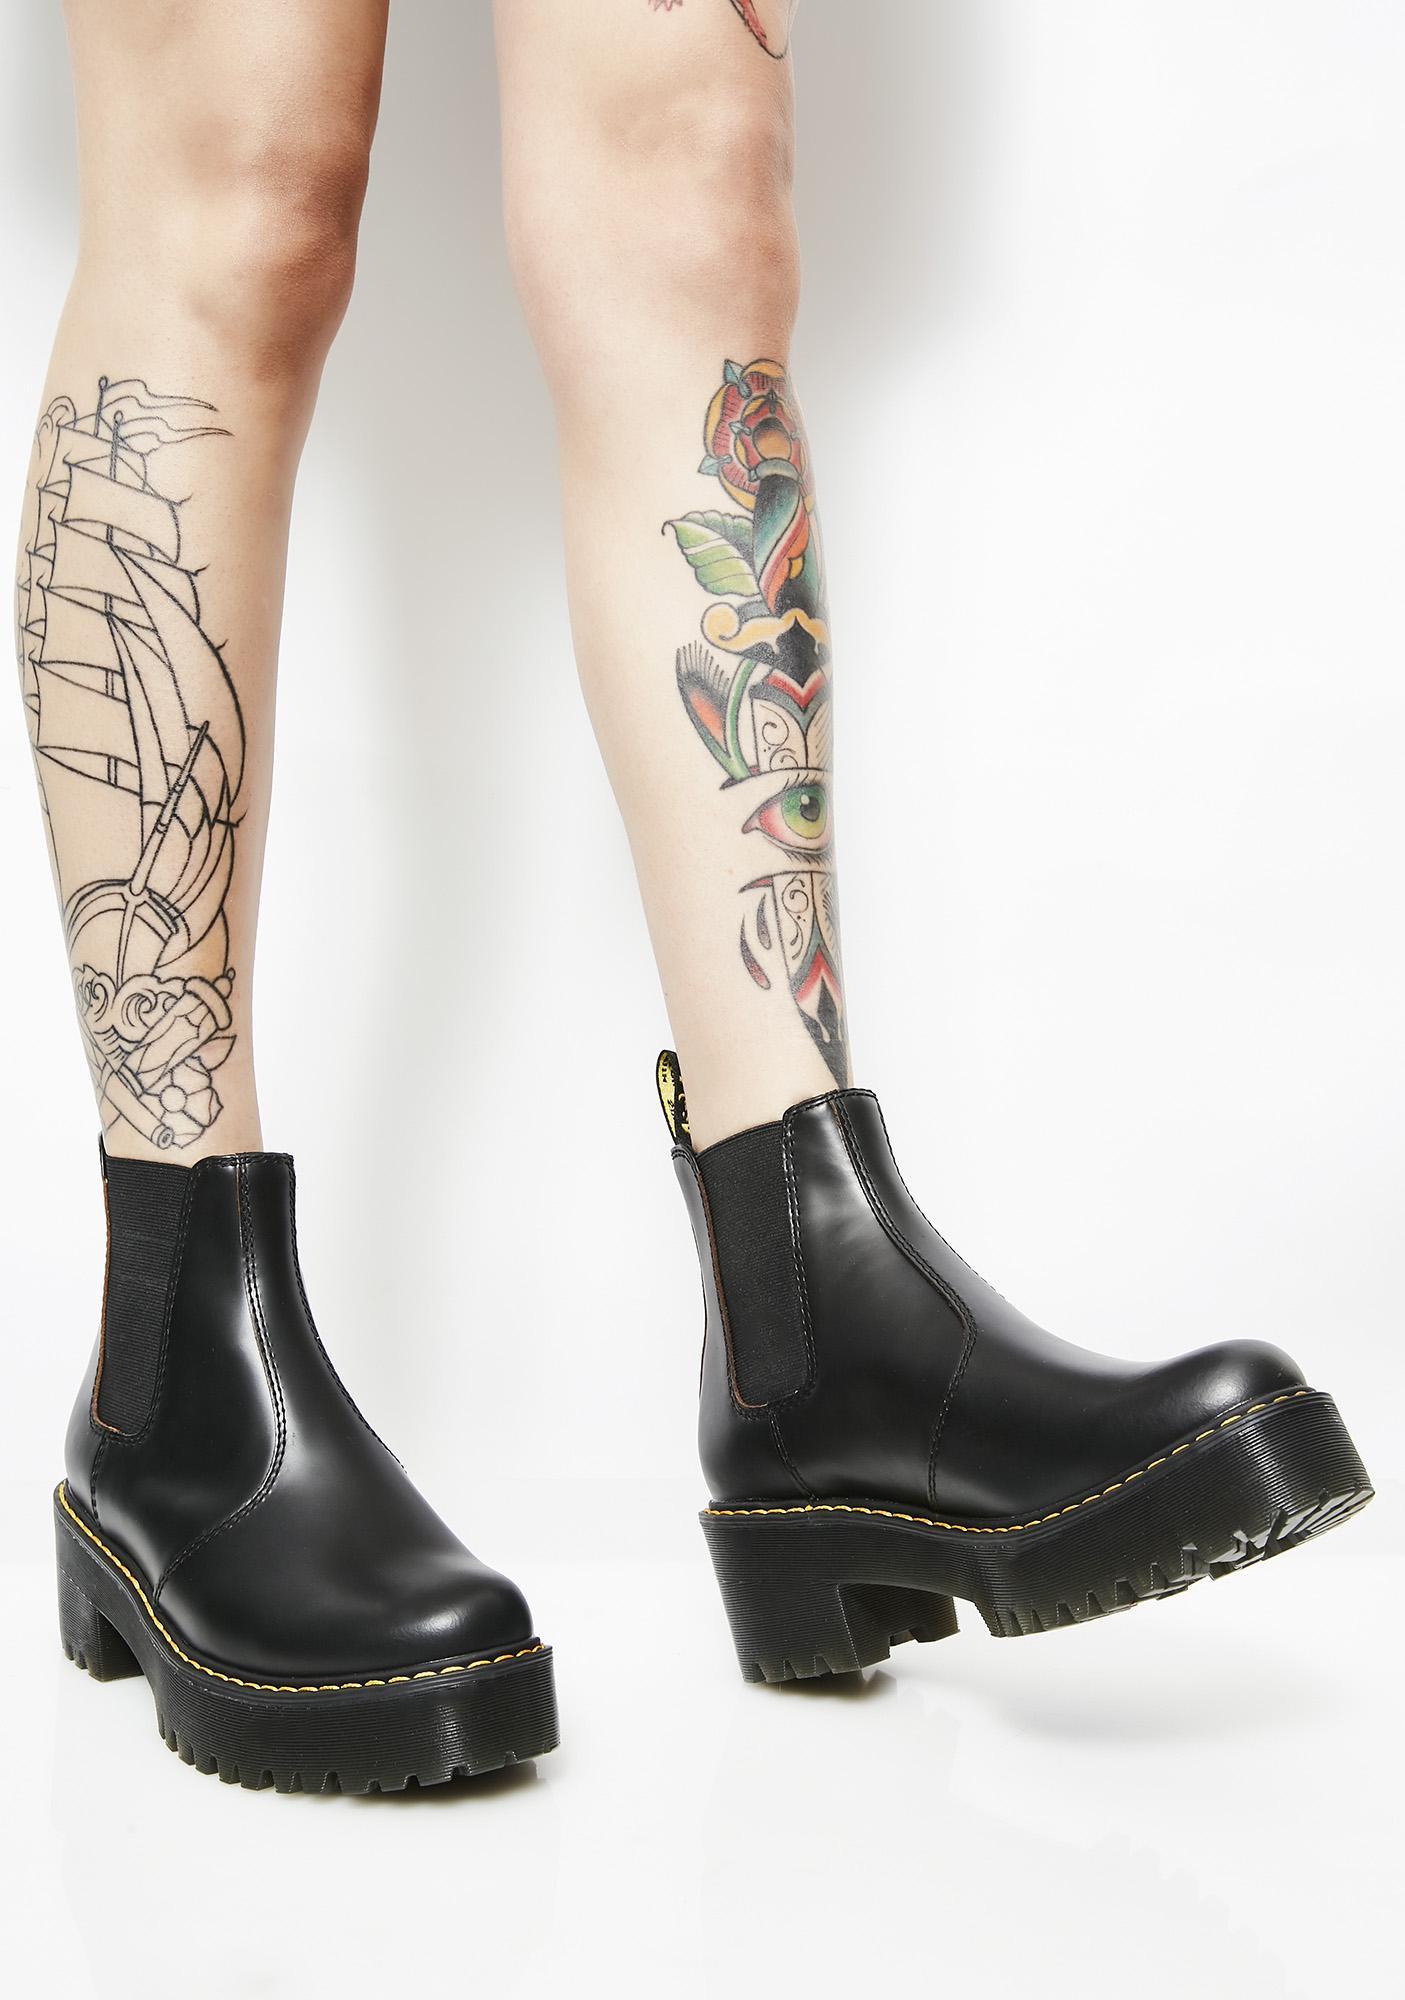 b555b706d26 ... Dr. Martens Rometty Boots ...